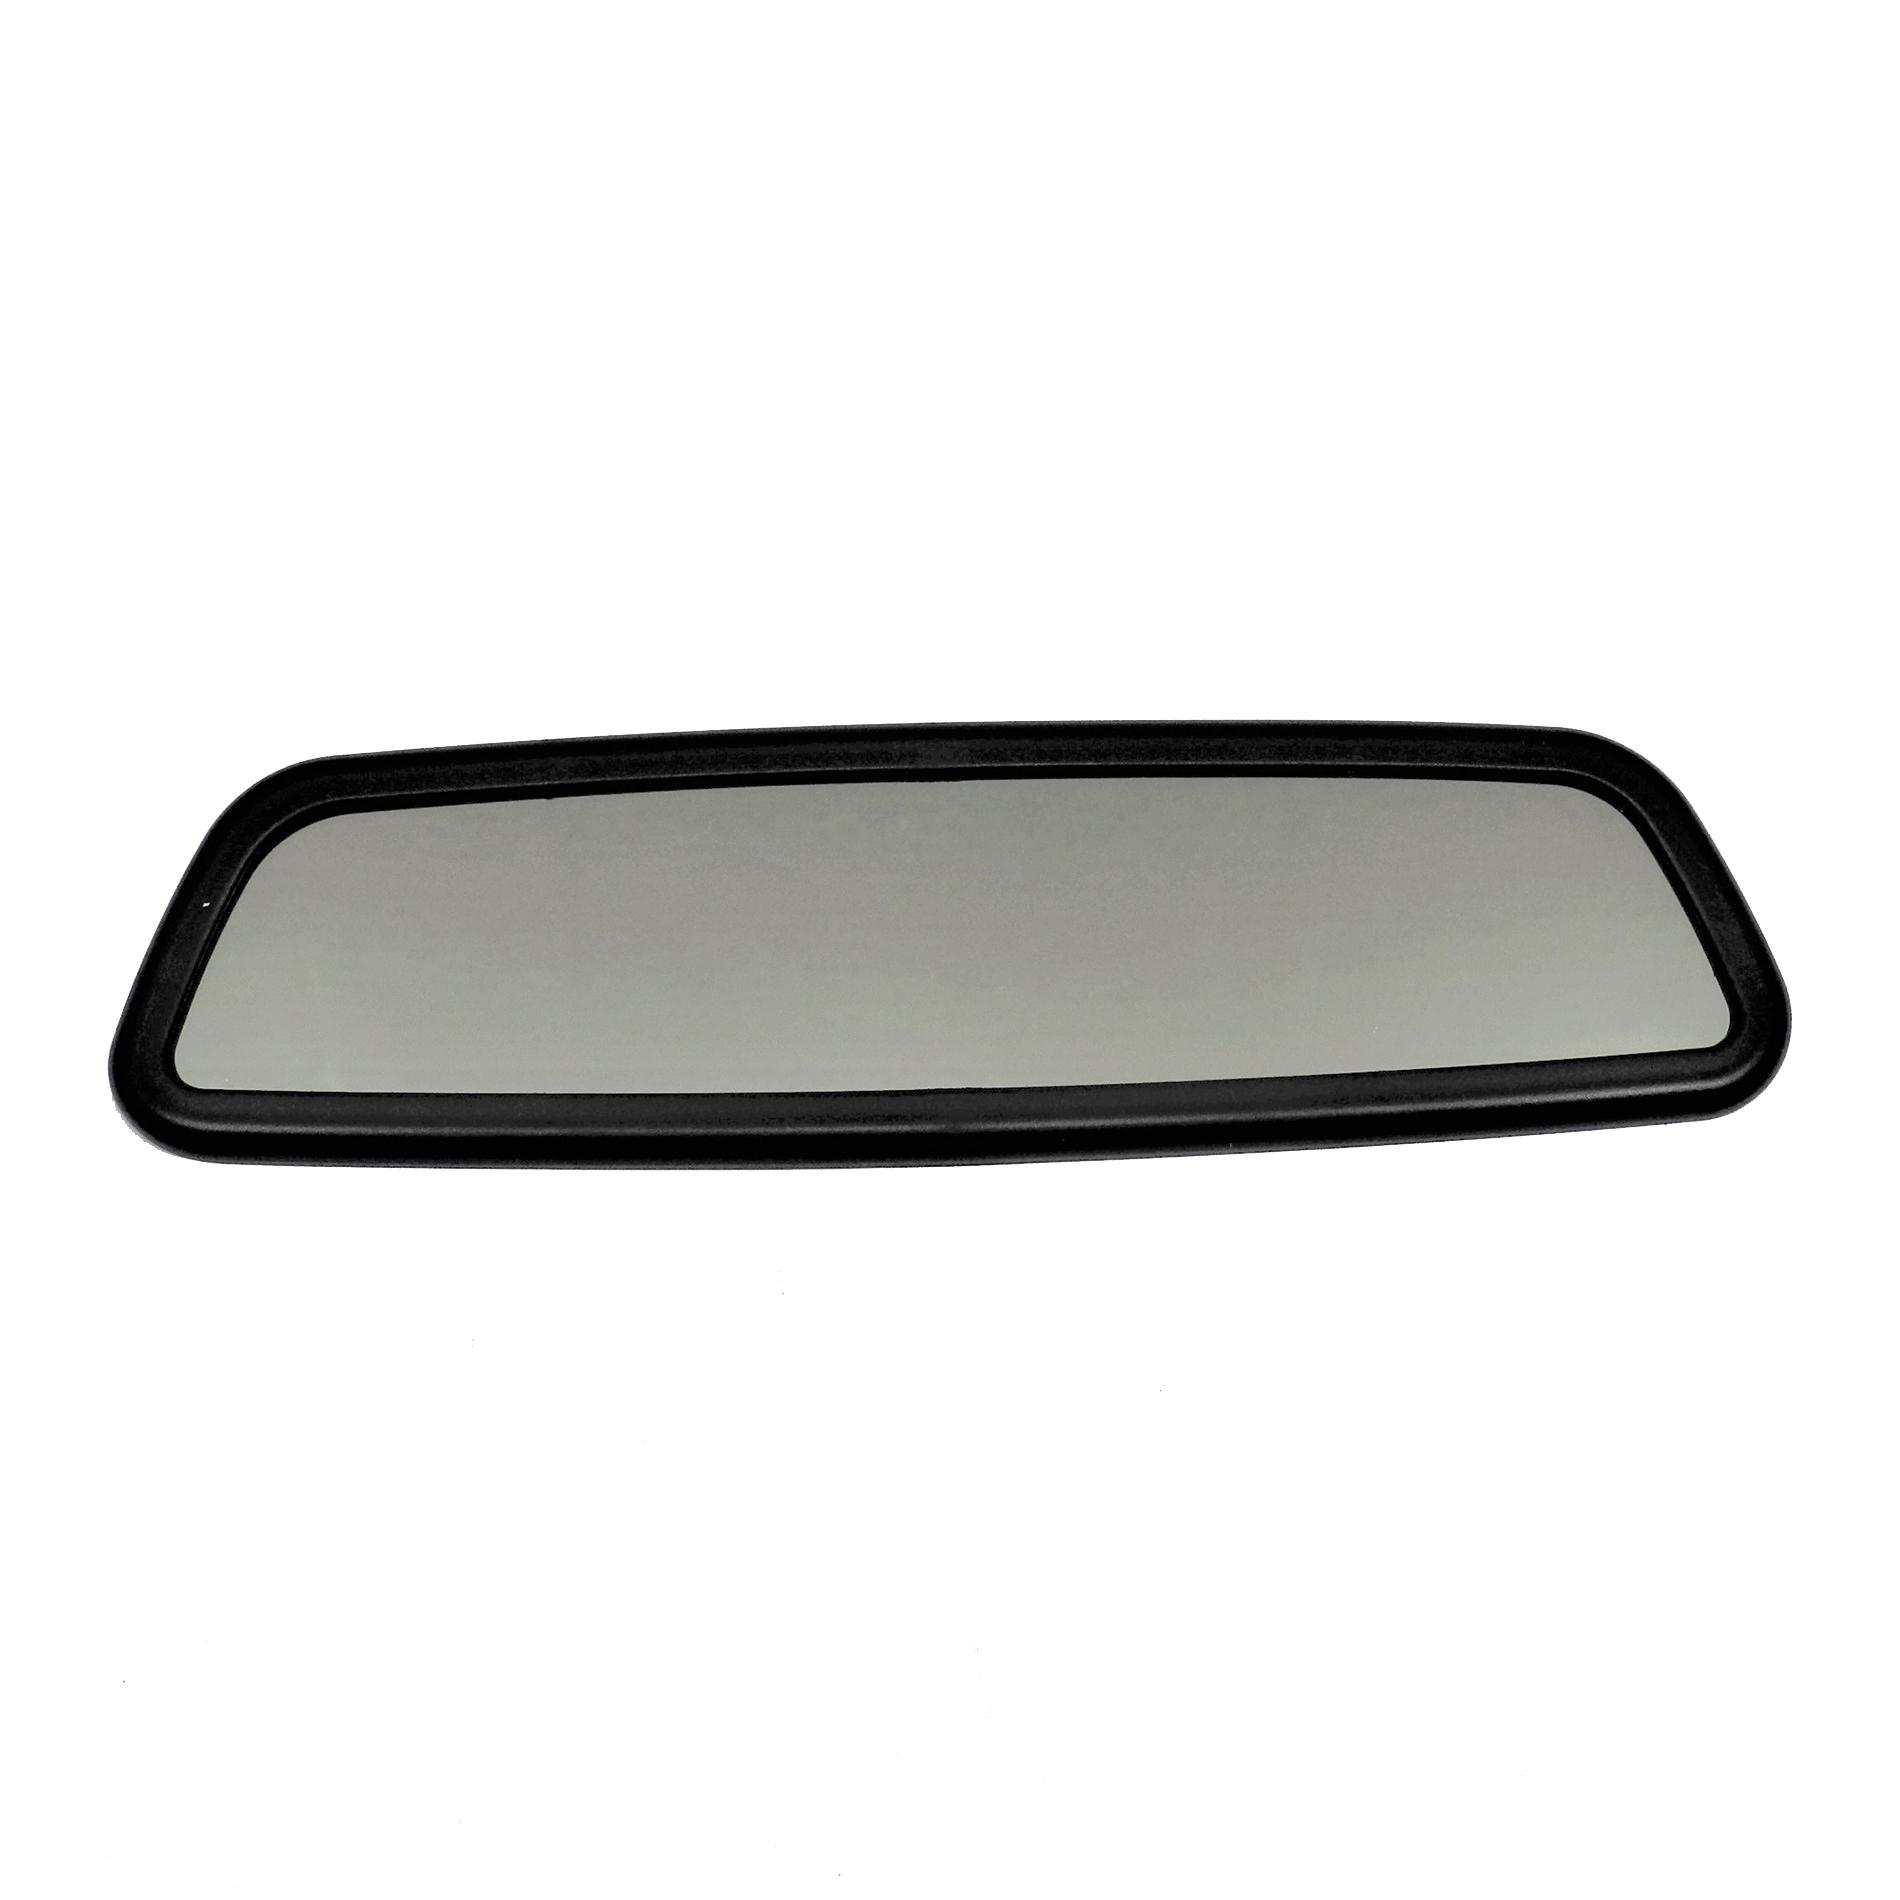 Rear View Mirror Repair Kit For Bmw 3 5 X3 X5 X6 E46 E90